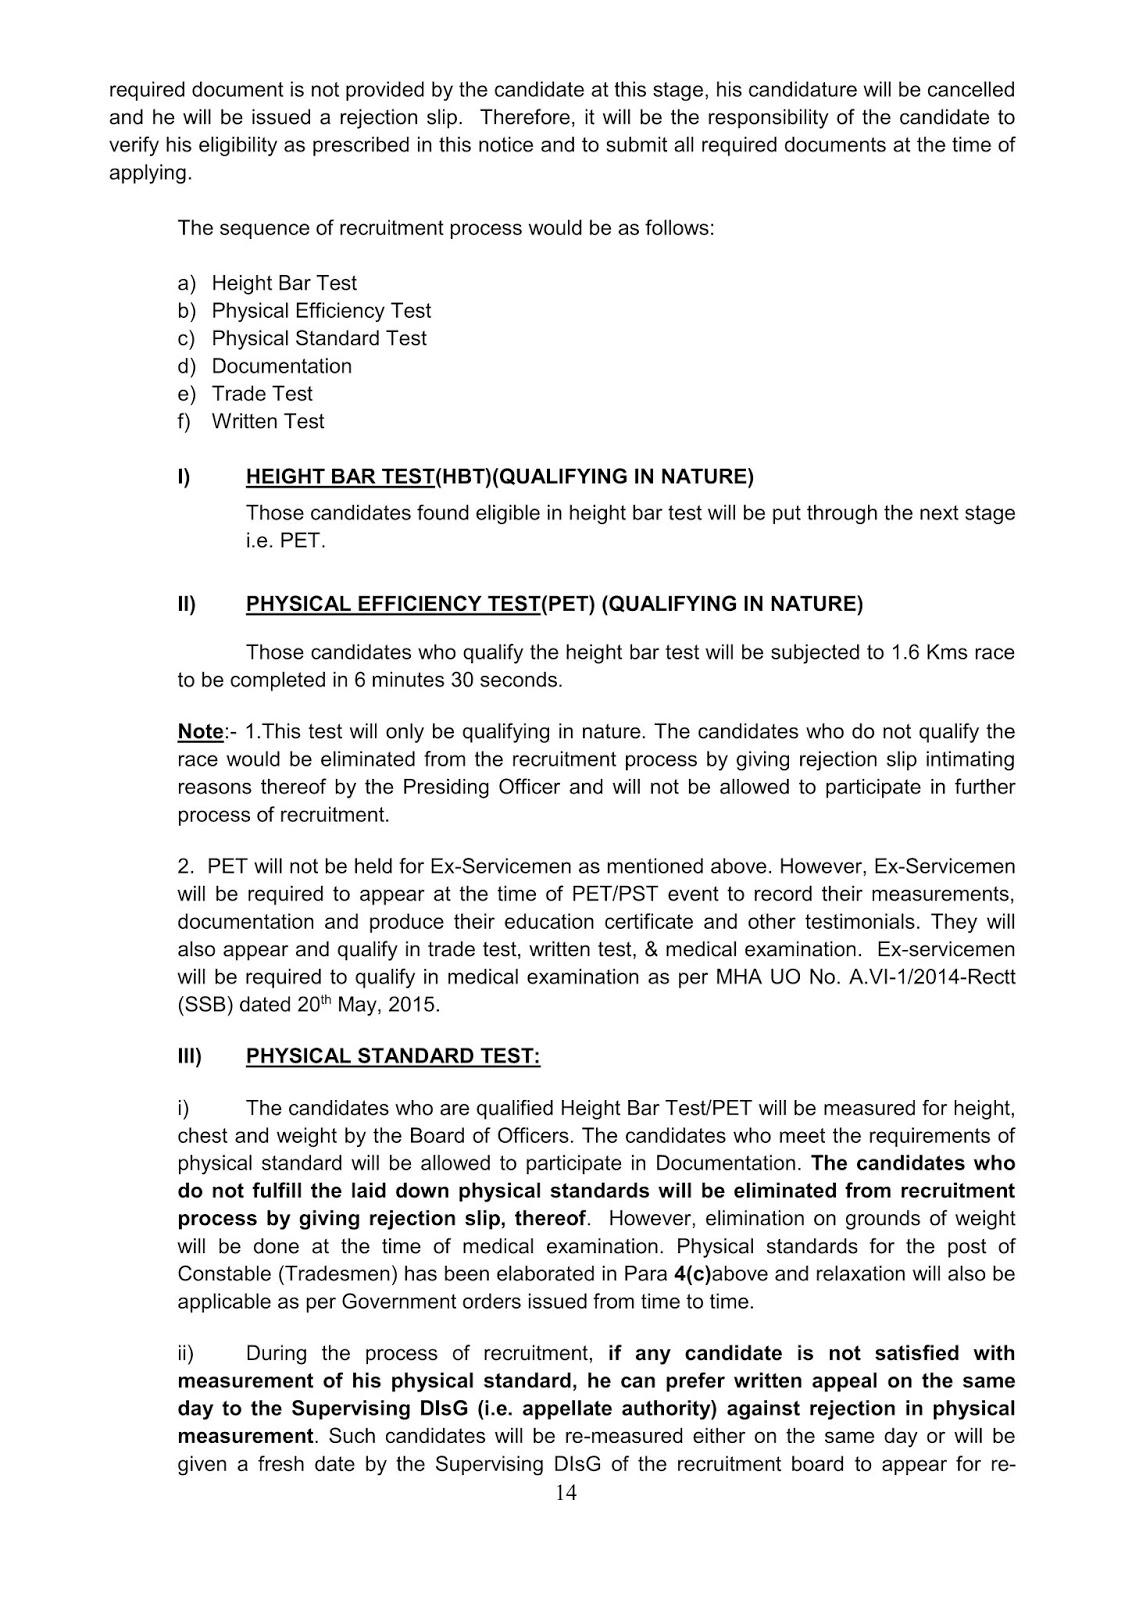 Notification-CISF-Constable-Tradesmen-Posts_14